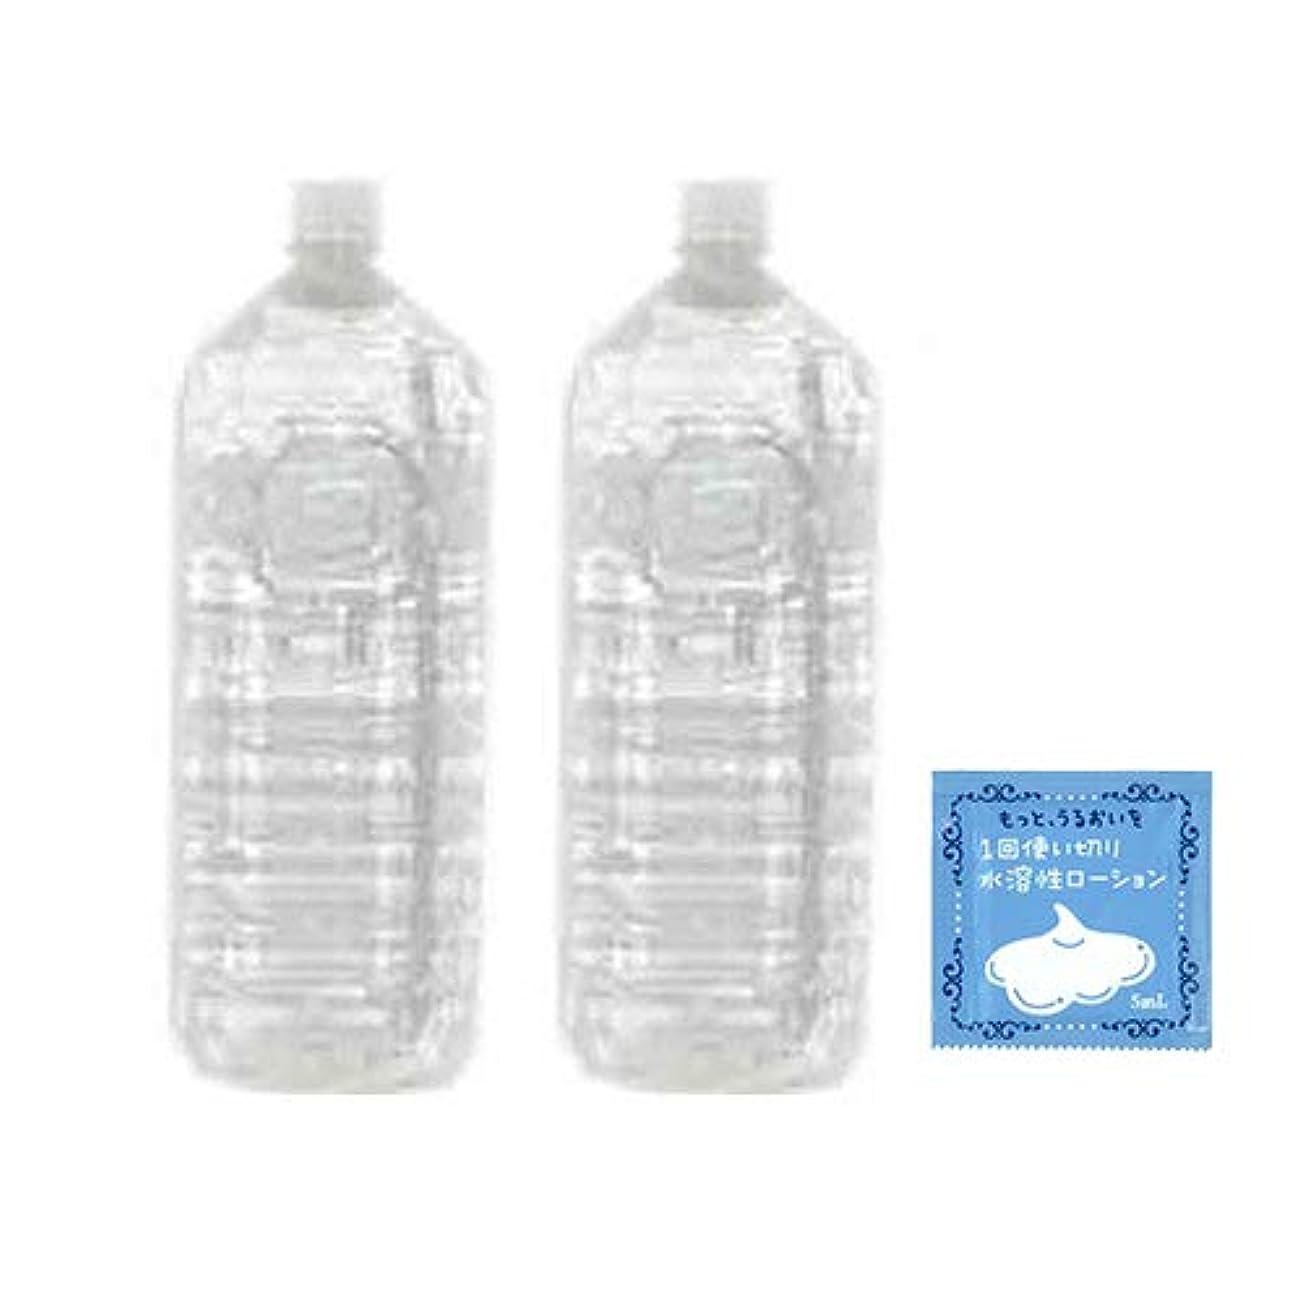 構成何よりも受付クリアローション 2Lペットボトル ハードタイプ(5倍濃縮原液) × 2本セット + 1回使い切り水溶性潤滑ローション